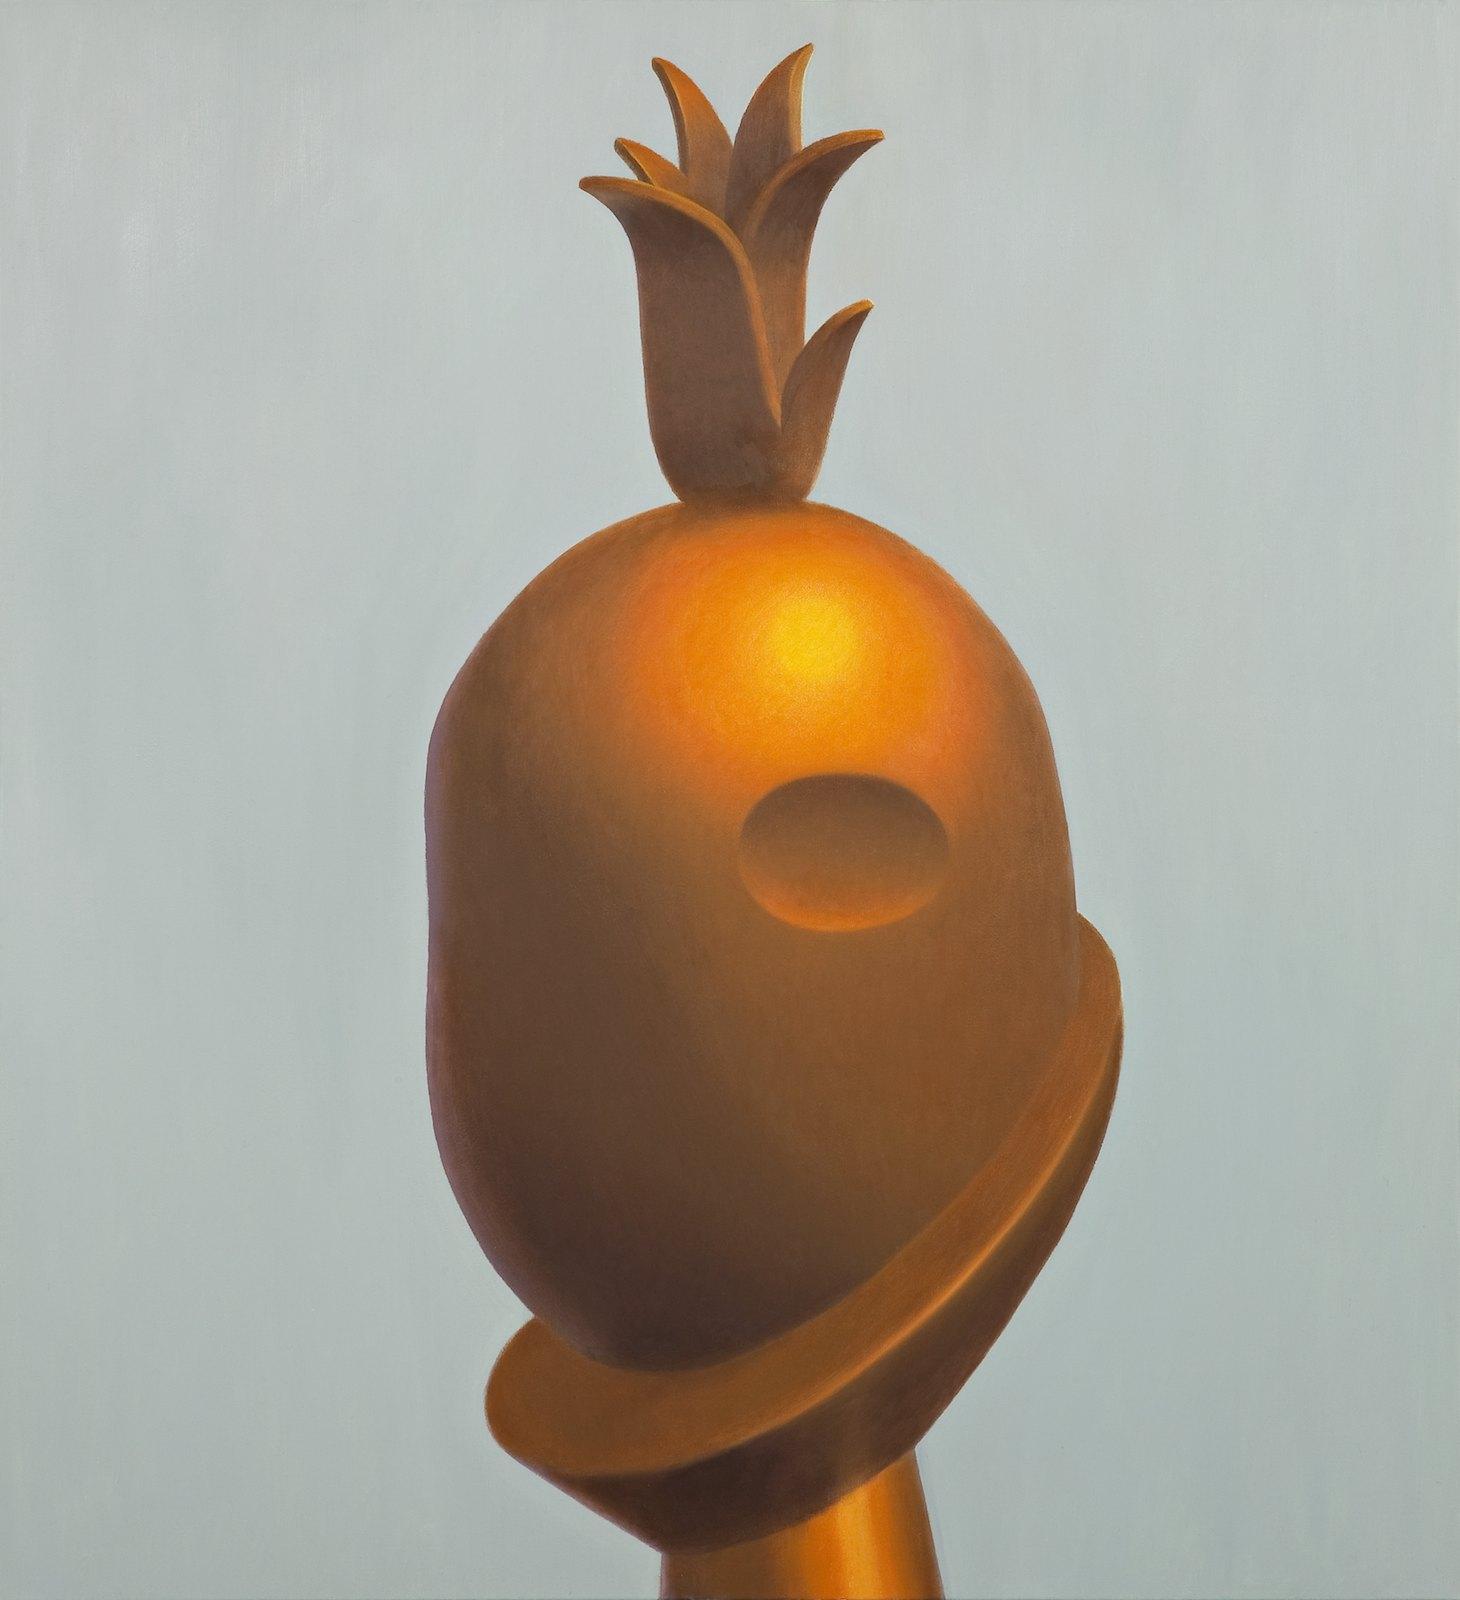 Bhagdad, 2009, oil on canvas, 175 x 160 cm